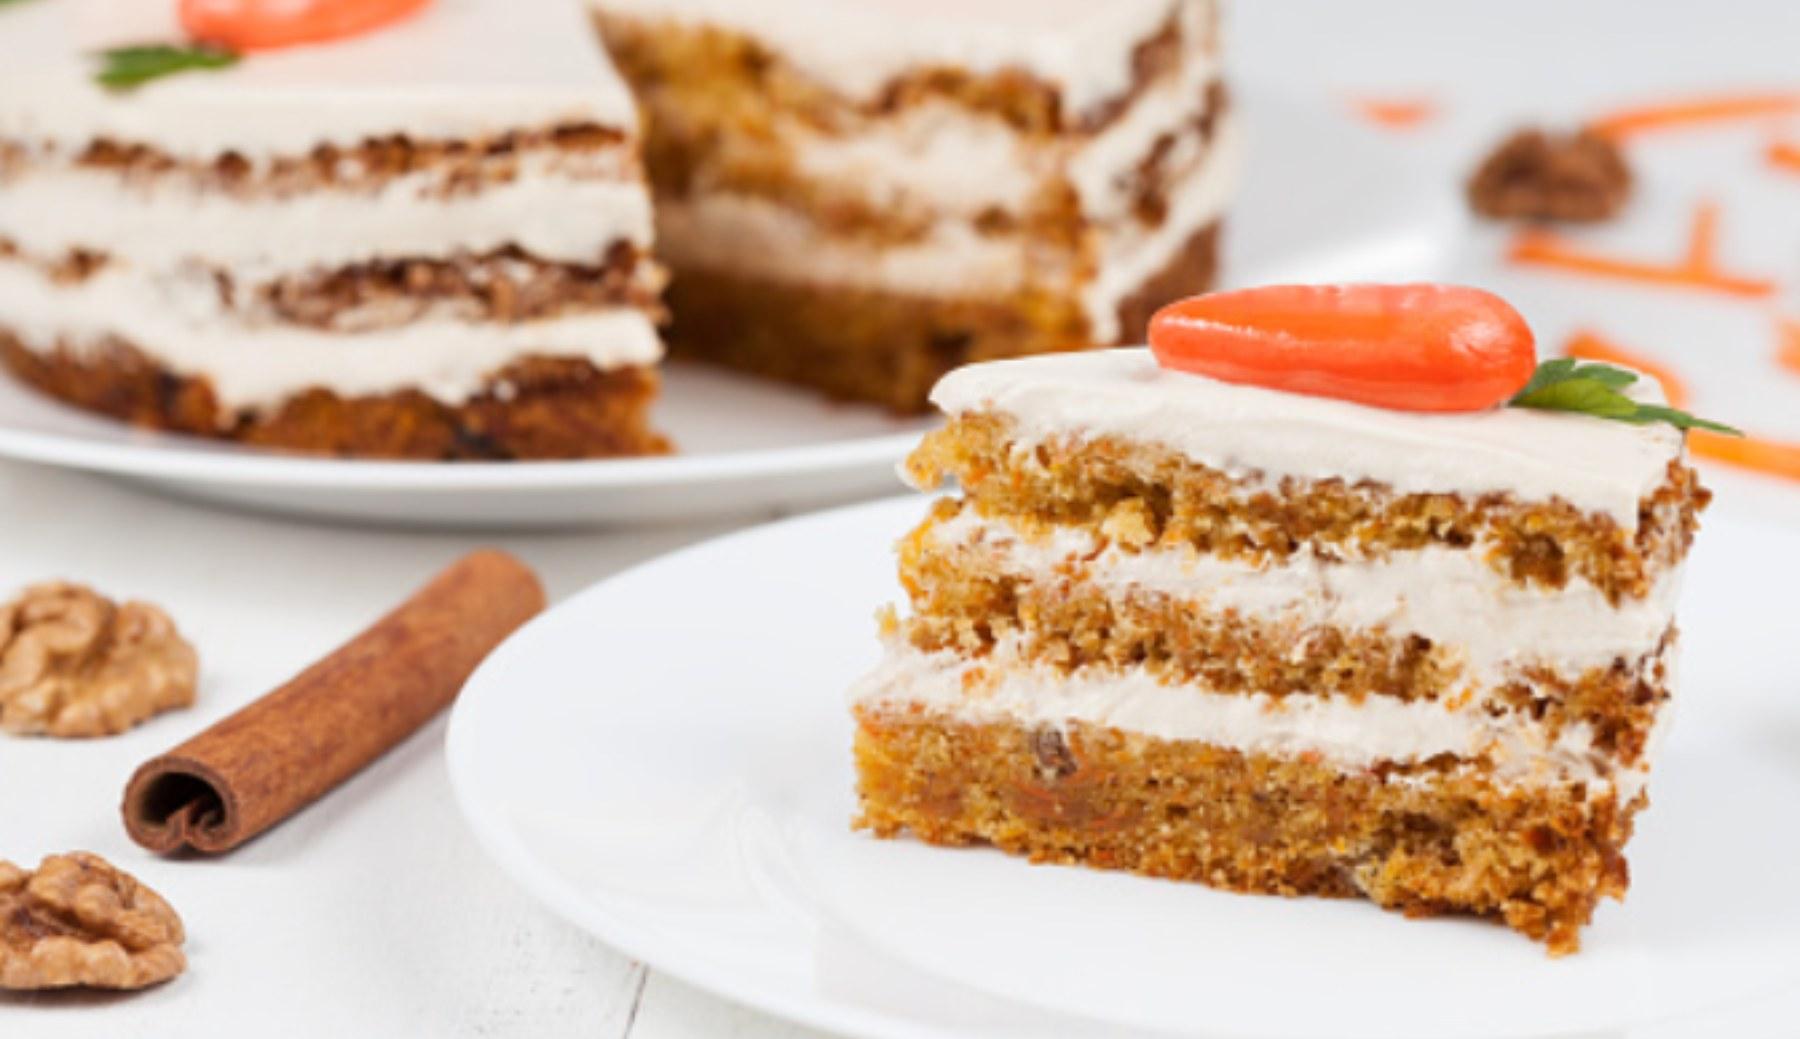 Tarta de zanahoria vegana casera: la auténtica carrot cake